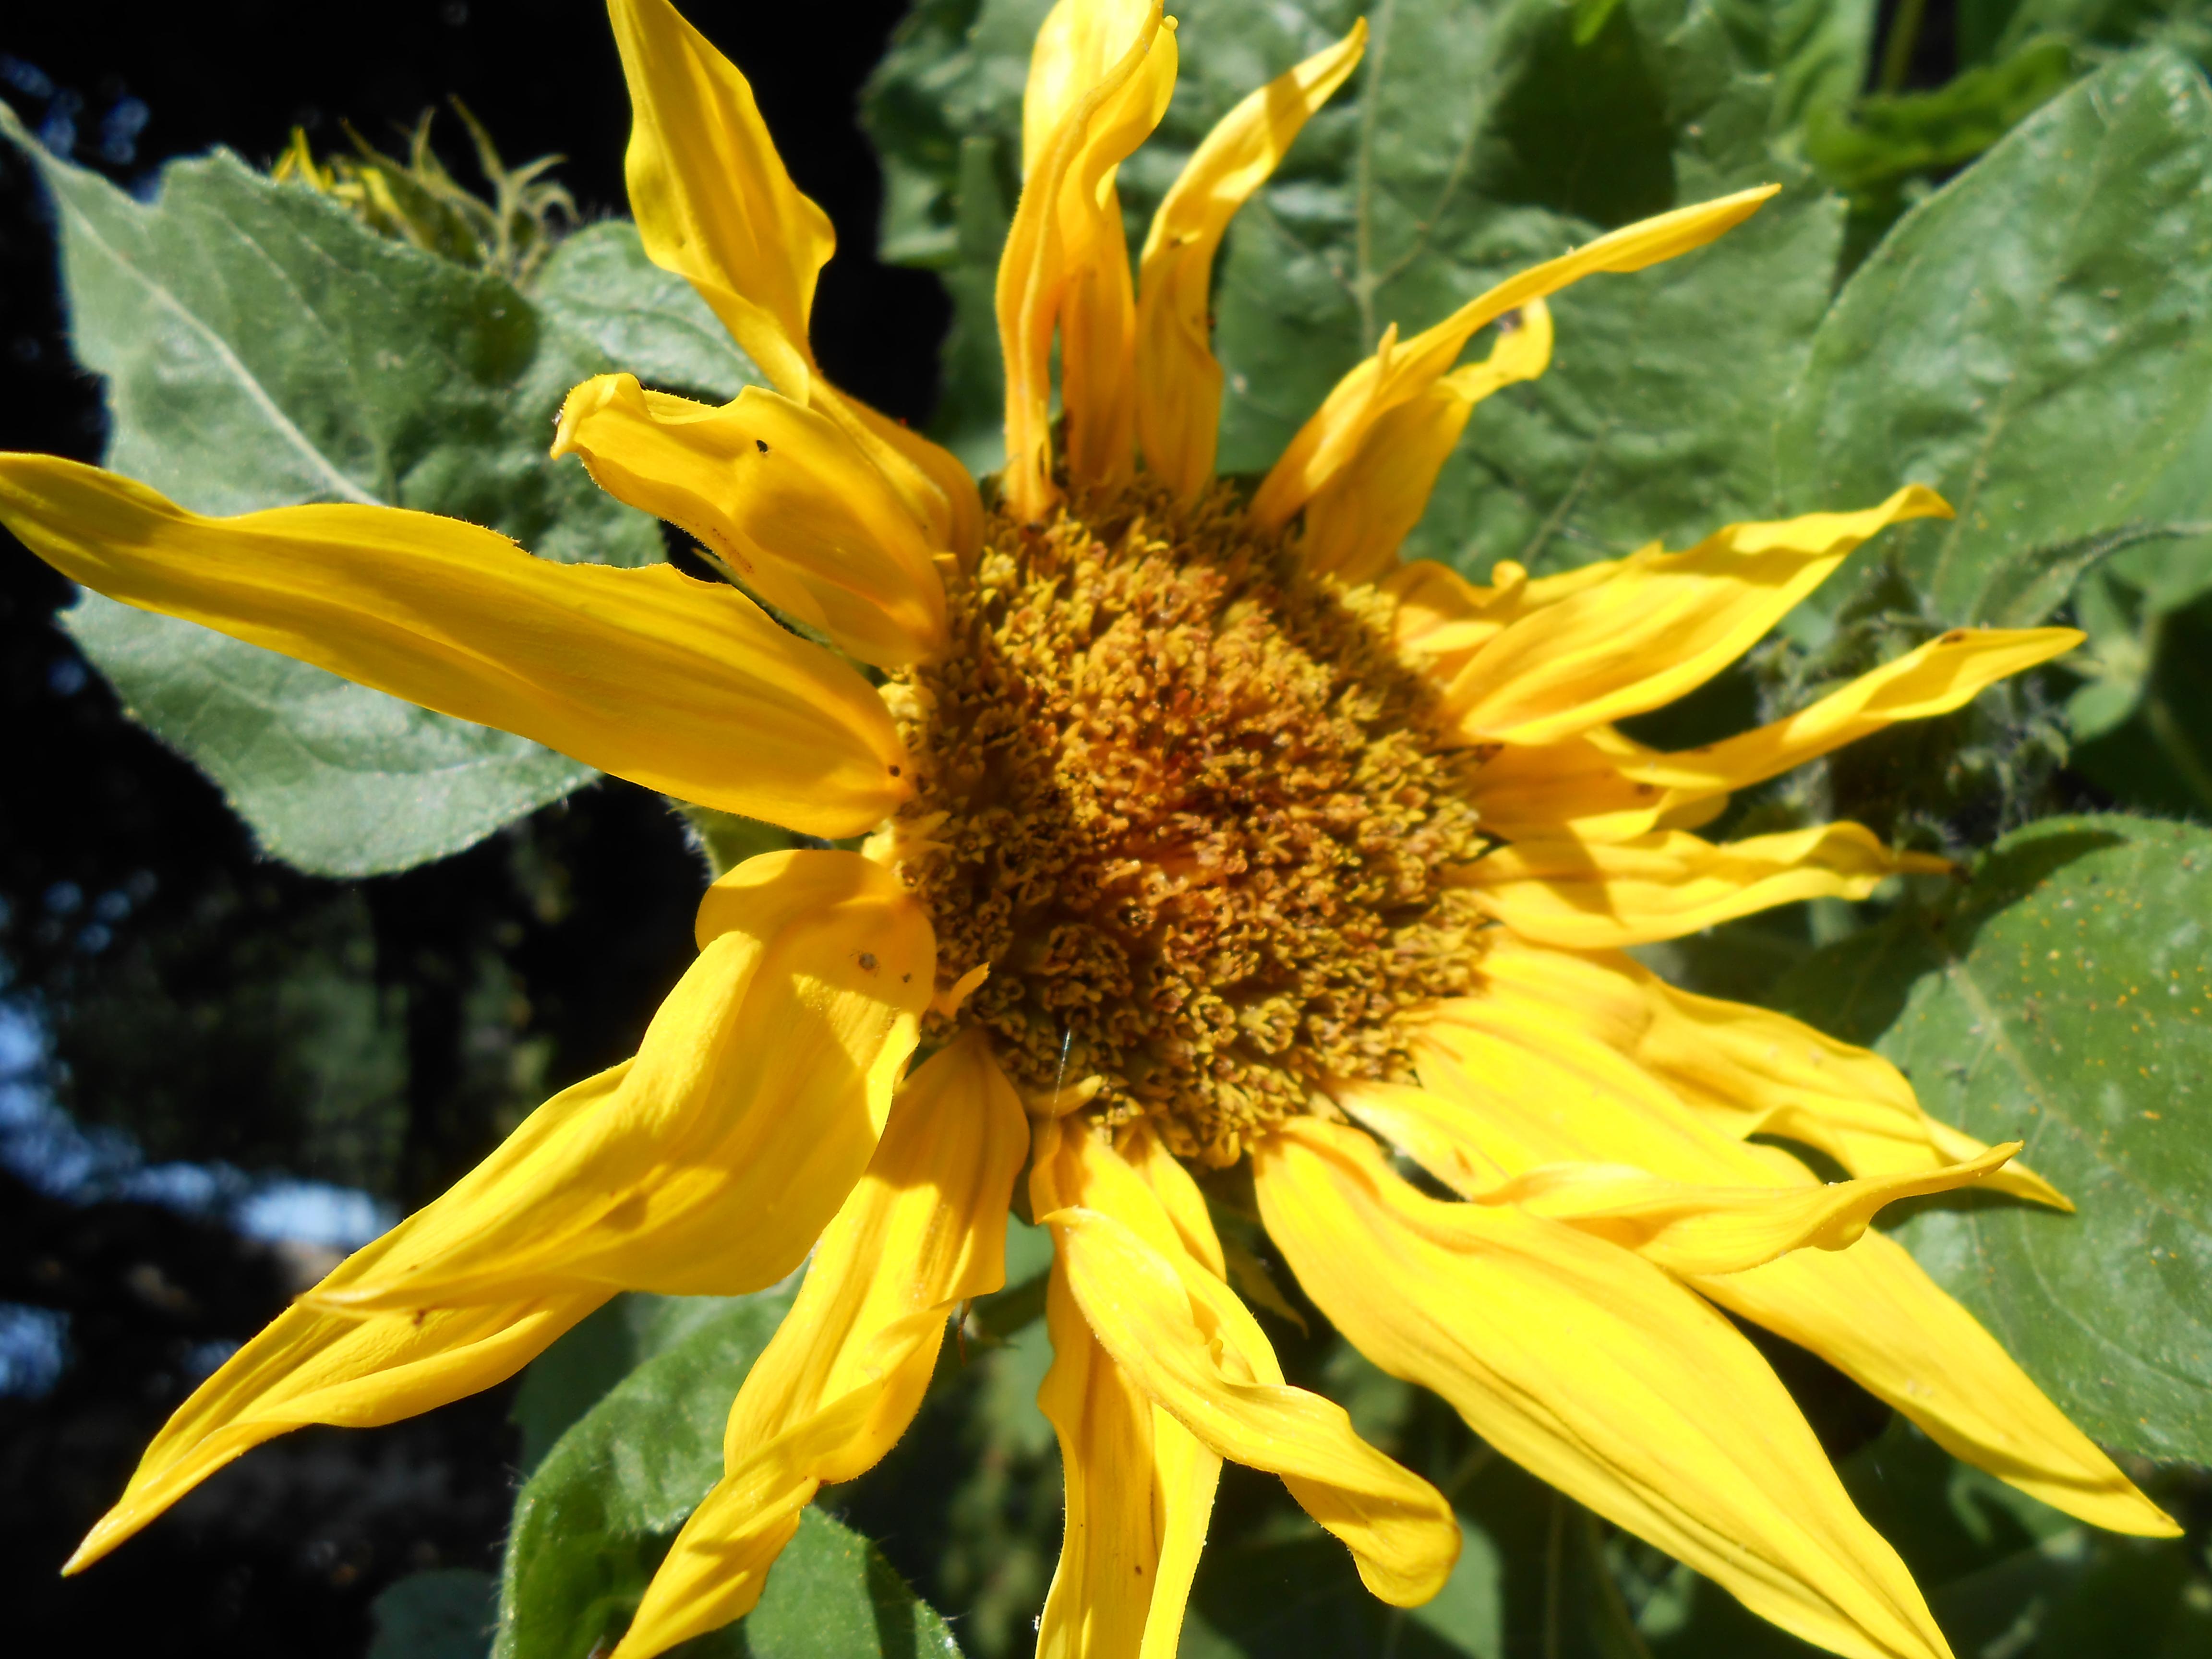 Les fleurs au potager le jardin de mamini for Fleurs au jardin